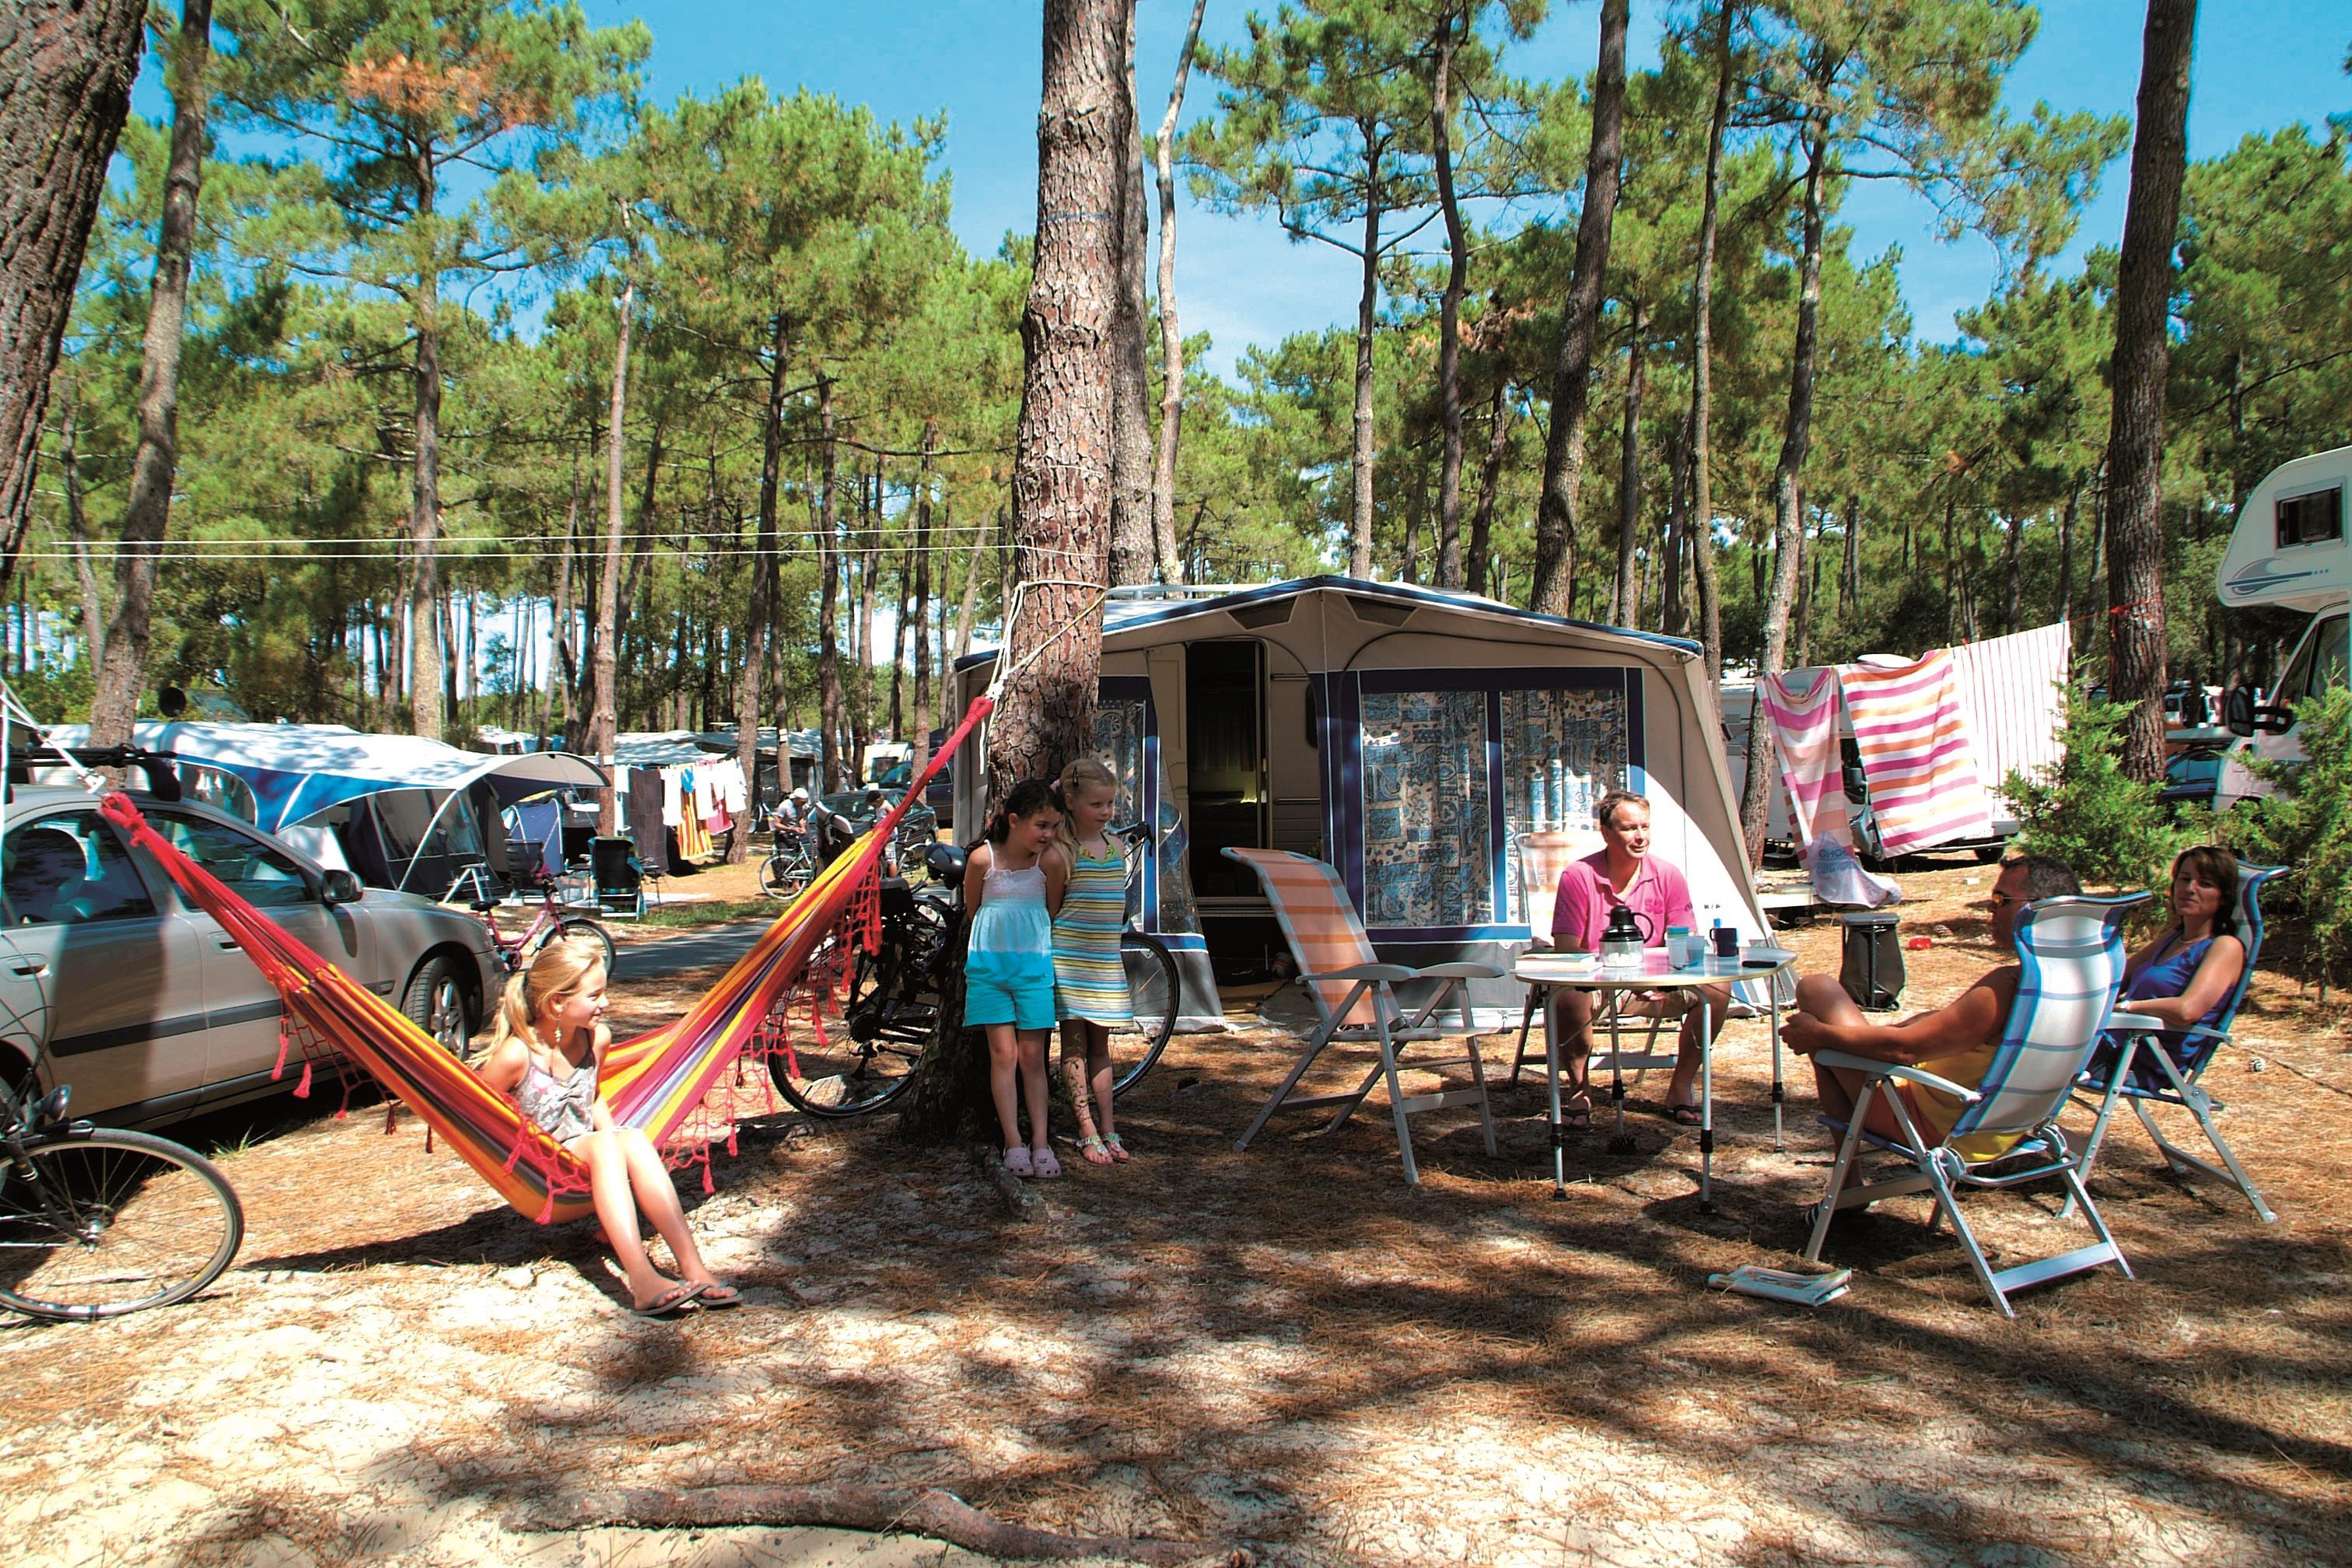 Camping de la Côte d'Argent, Hourtin-Plage, Gironde